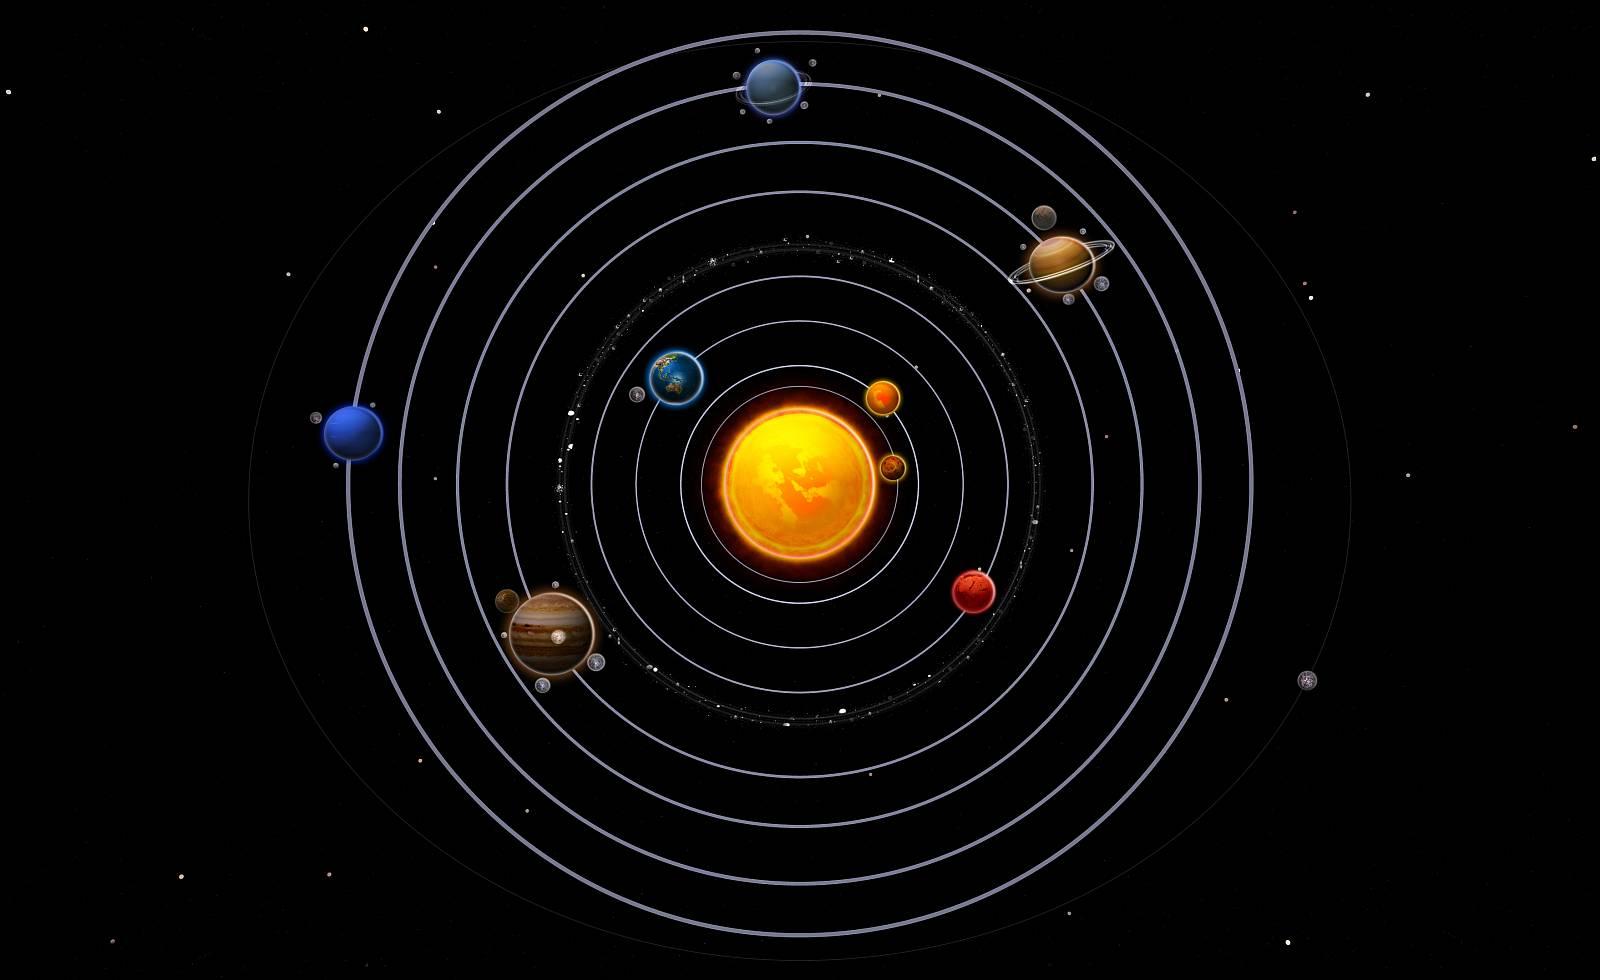 Картинка для Приправленные звездной пылью. Колыбель человечества. Солнечная система в лицах.